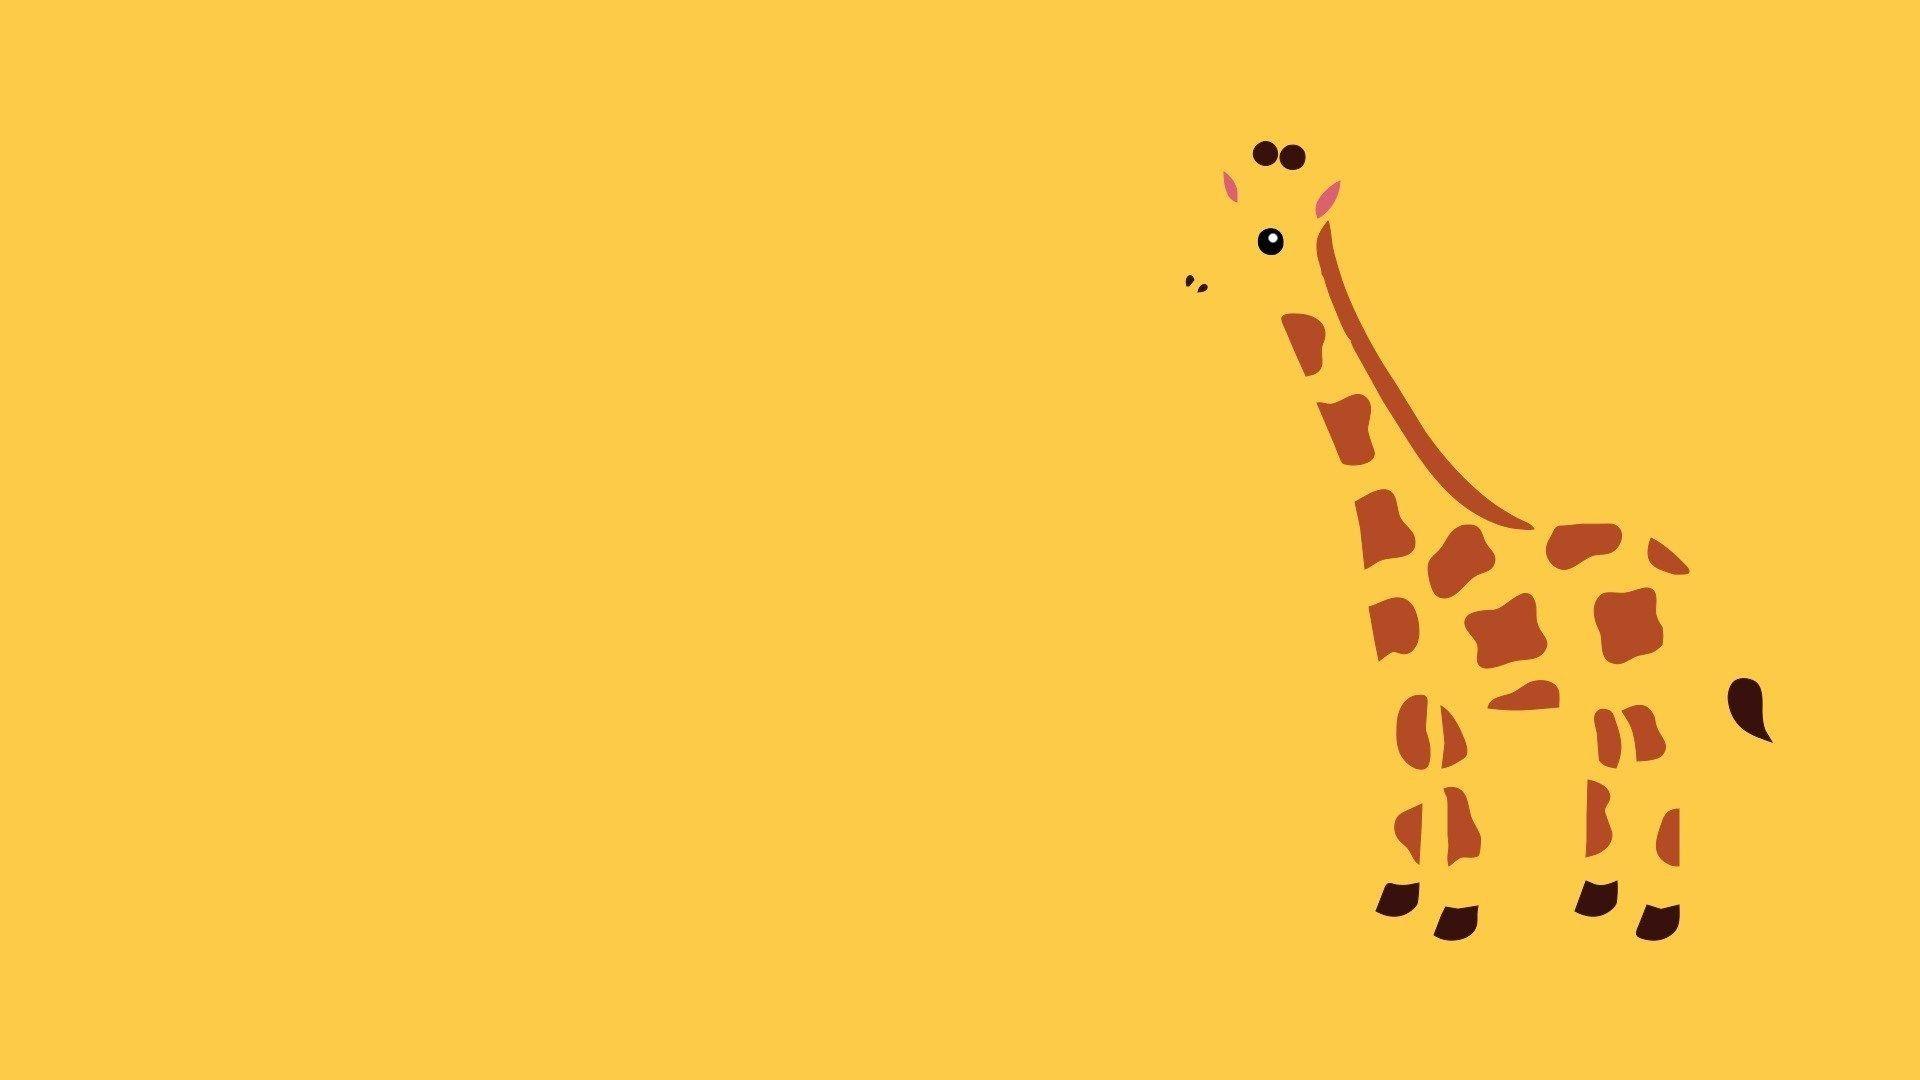 Giraffe Wallpaper Best Hd Wallpapers Cute Desktop Wallpaper Hd Cute Wallpapers Cute Wallpapers Quotes